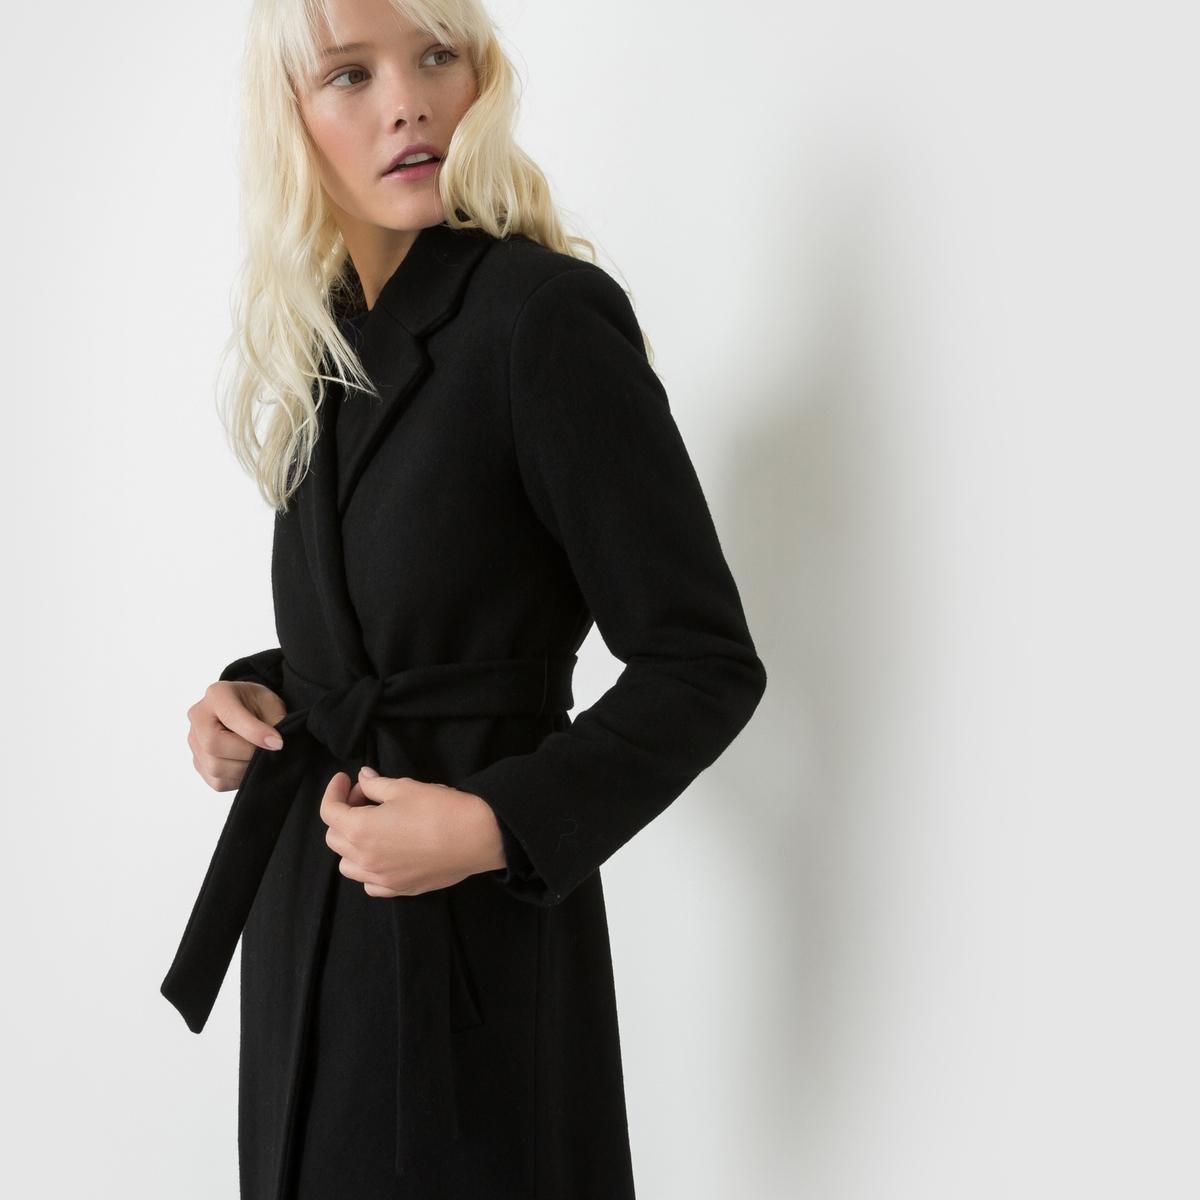 Пальто удлиненное EUGENE с поясомУдлиненное пальто EUGENE от SUNCOO . Немного приталенное удлиненное пальто в стиле неоретро. Застежка на кнопки. Завязывается на талии. 2 кармана по бокам. Состав и описаниеМарка : SUNCOO.Материал :  60% шерсти, 40% полиэстераПодкладка : 100% полиэстерУходРучная стирка<br><br>Цвет: черный